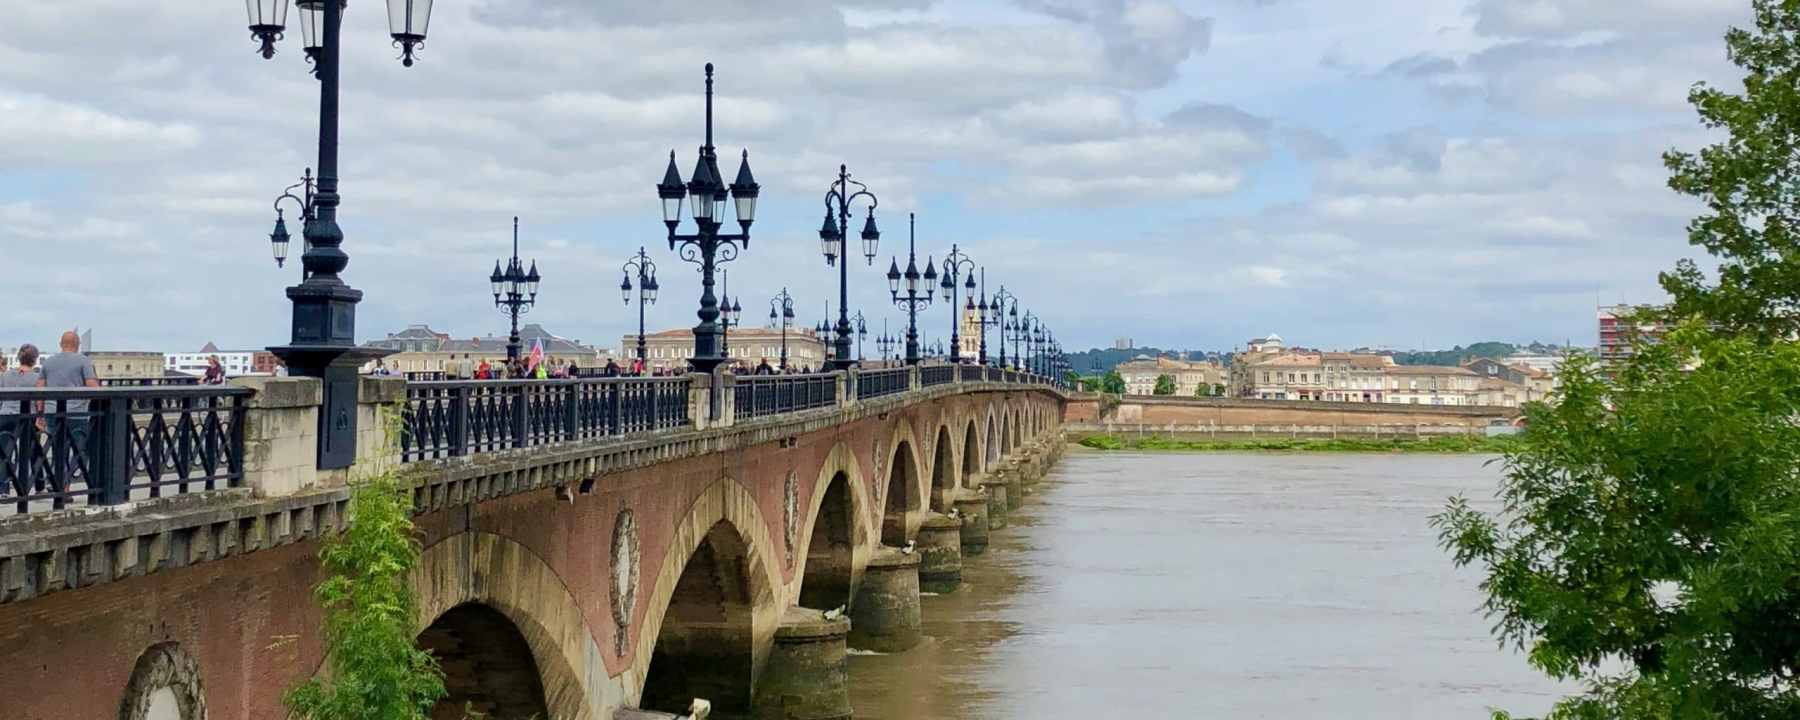 VIeux pont de Bordeaux au-dessus de la Garonne, France